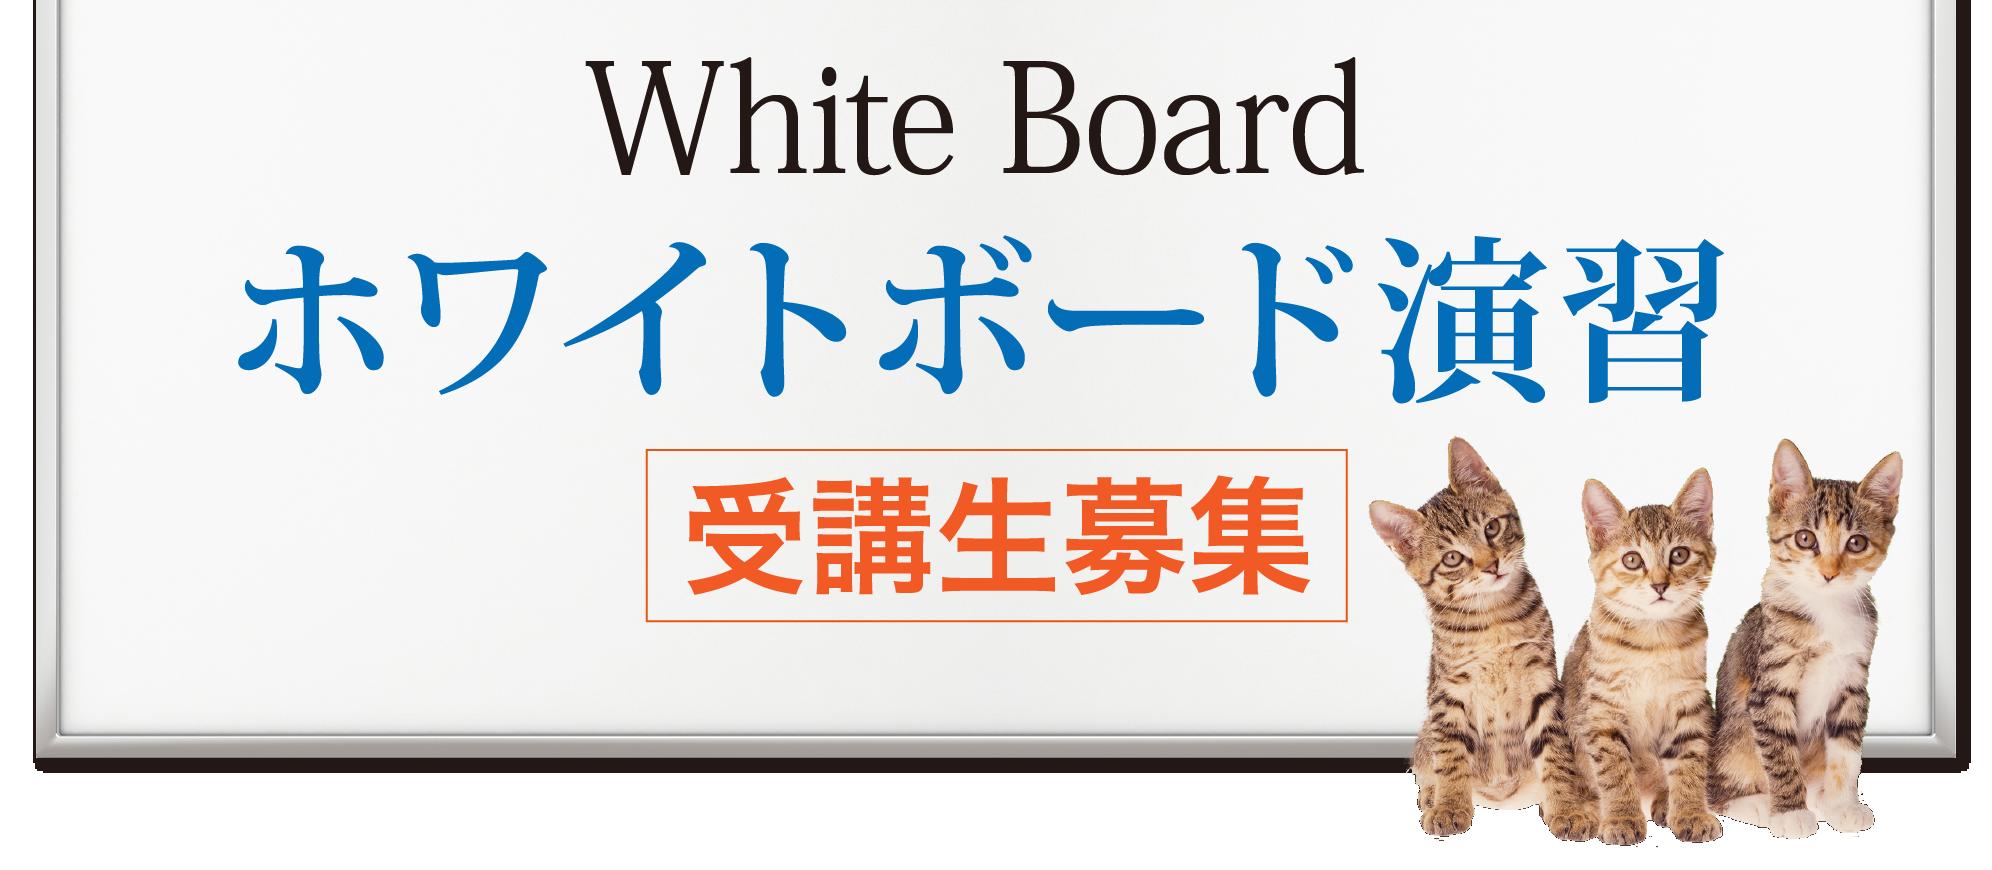 ホワイトボード演習